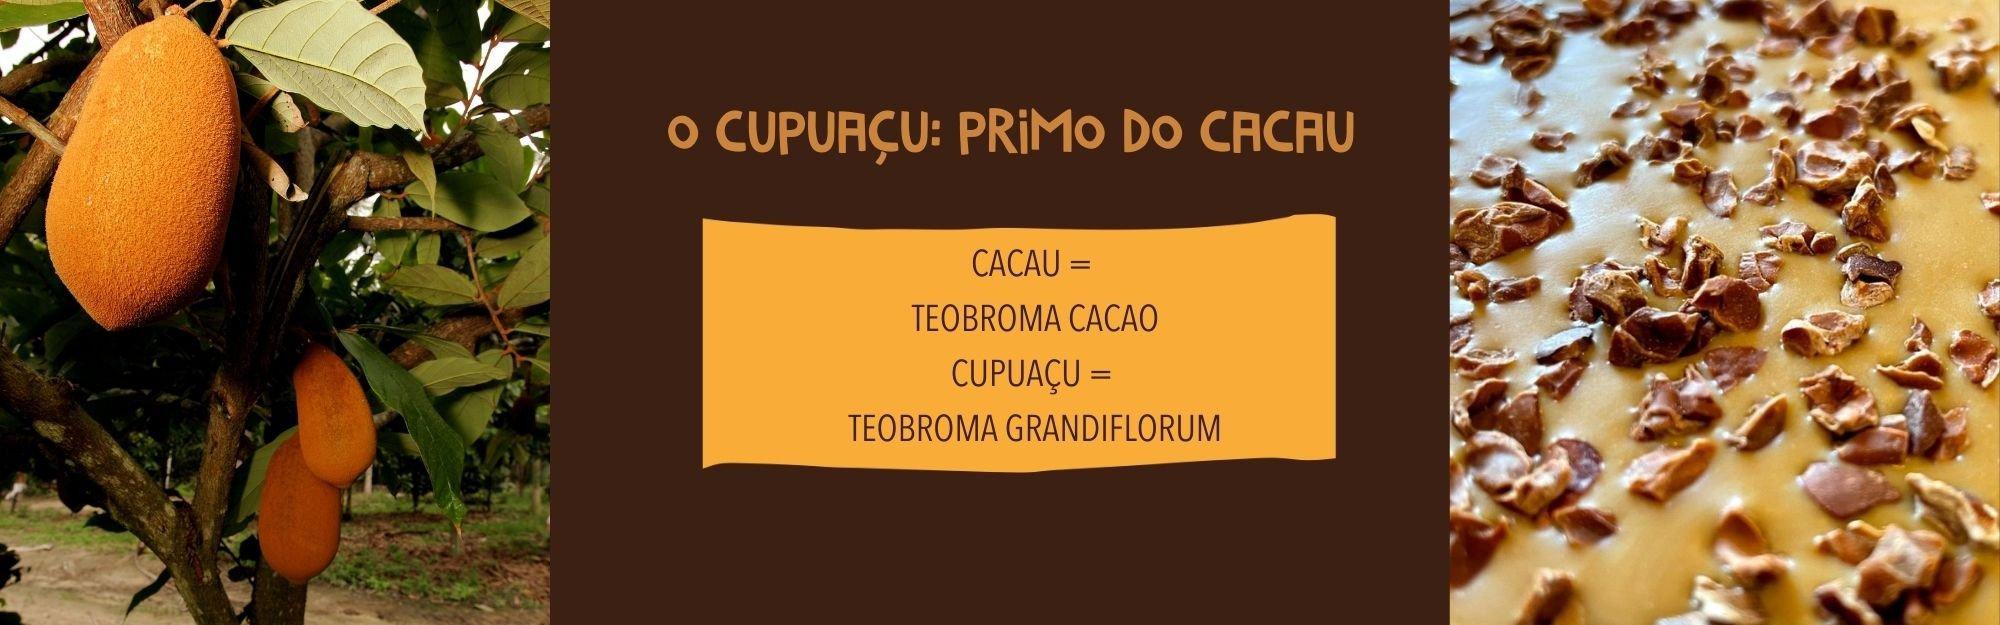 cookoa chocolates amma duo caramelo bahia cupuau